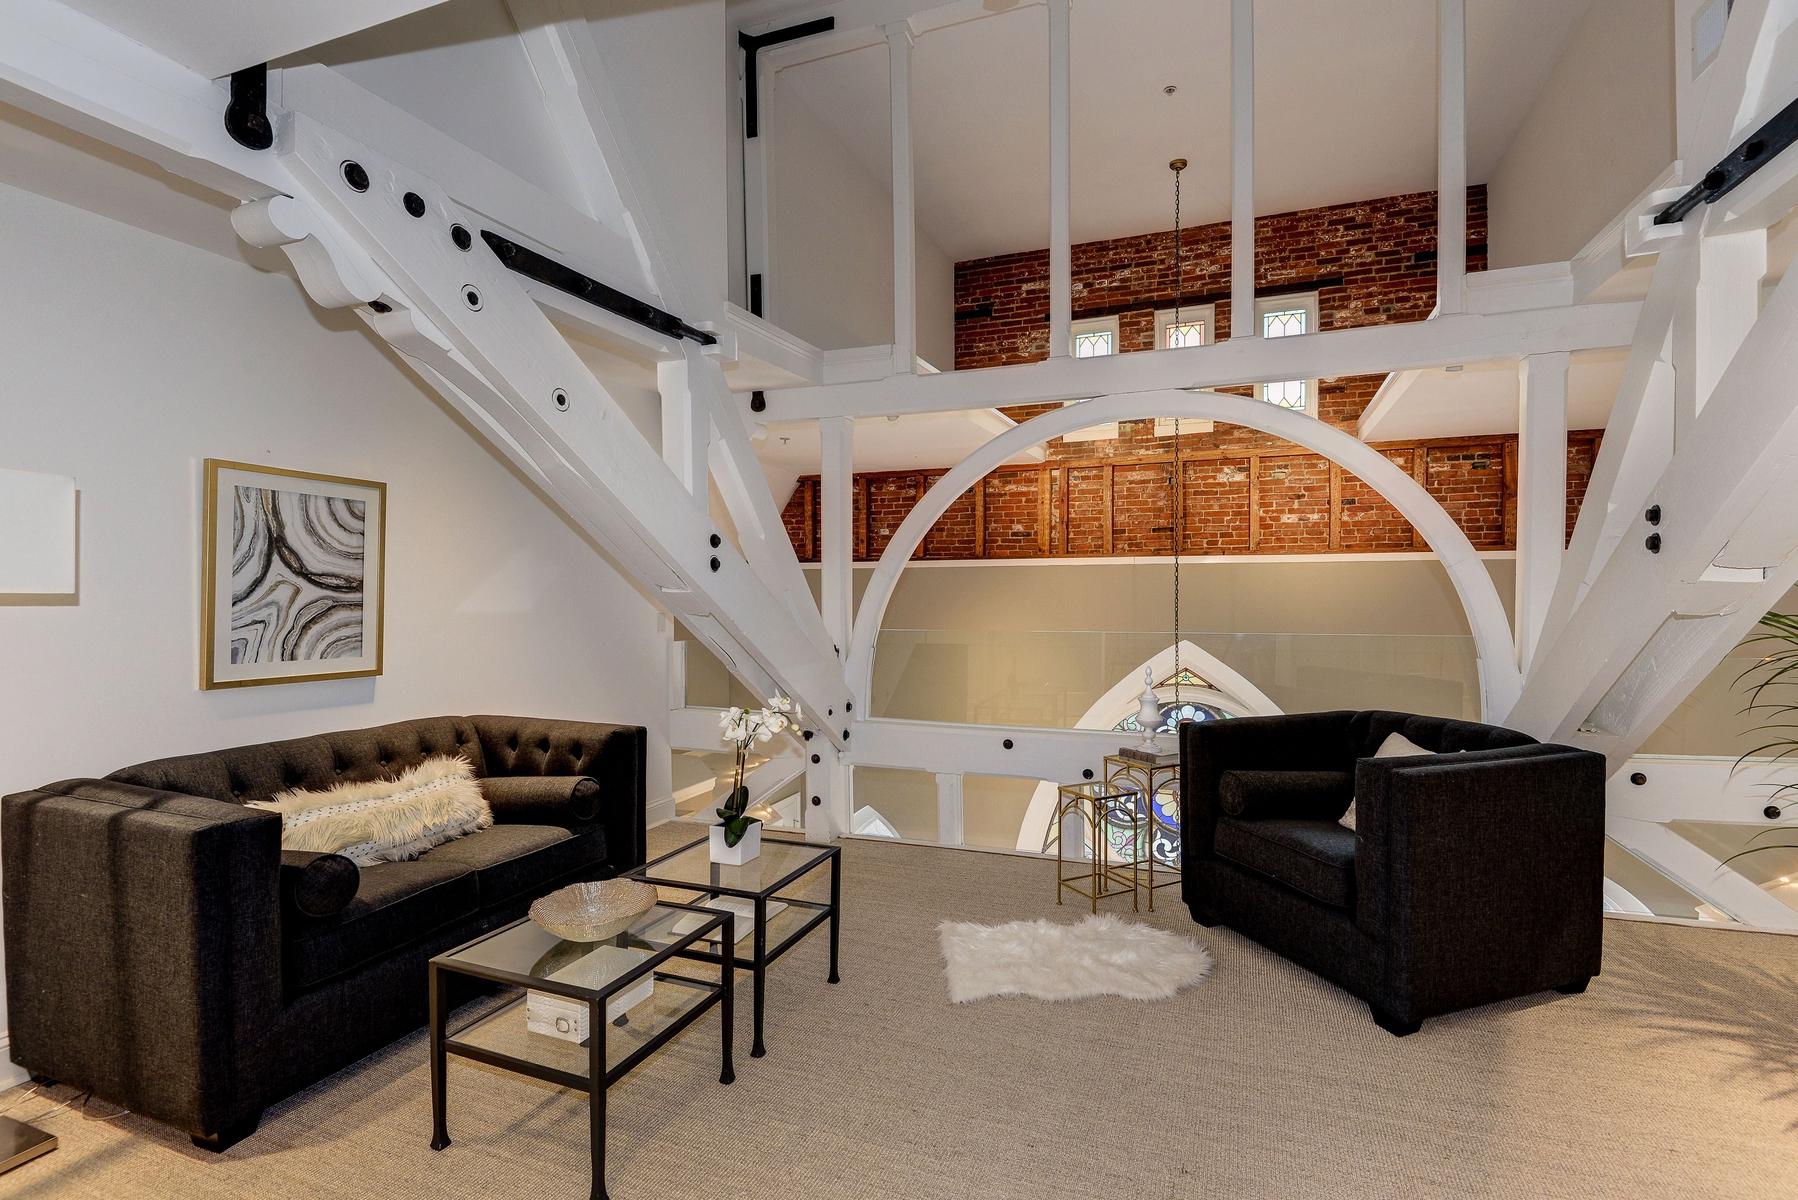 Eigentumswohnung für Verkauf beim 39 1/2 Maryland Ave #2 Annapolis, Maryland, 21401 Vereinigte Staaten